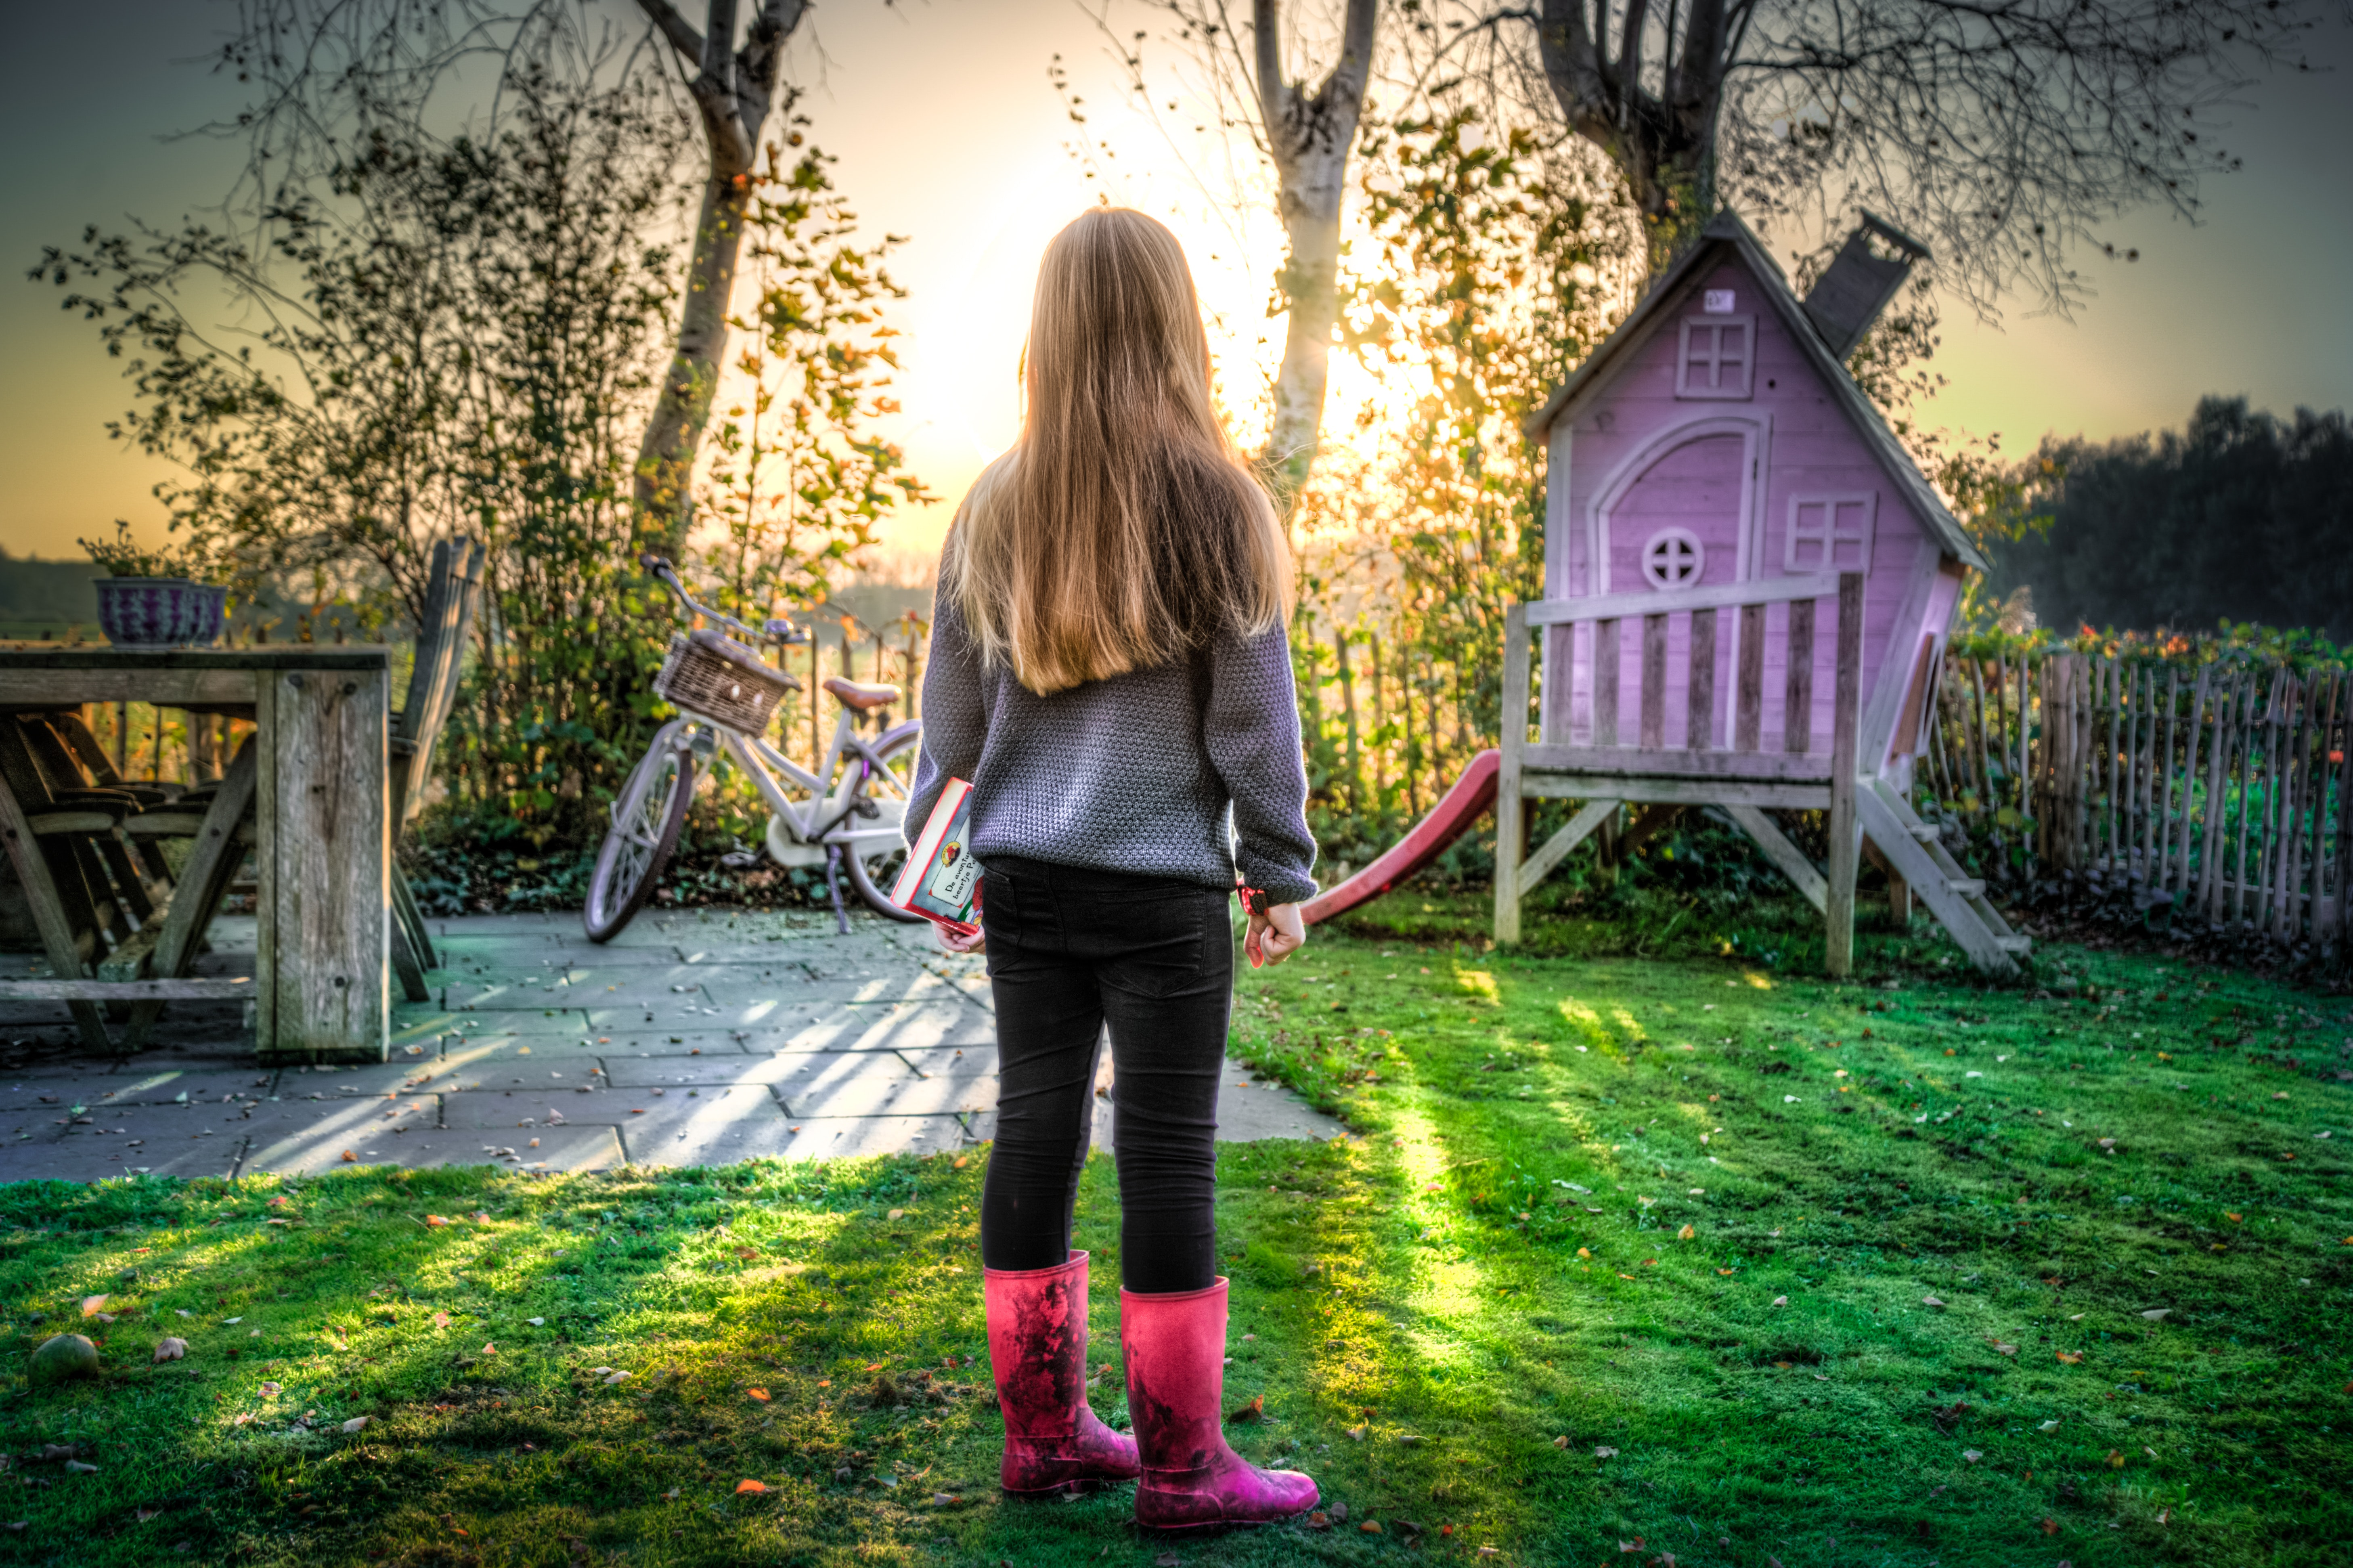 Girl Staring at the Sky, Backyard, Kid, Yard, Wear, HQ Photo